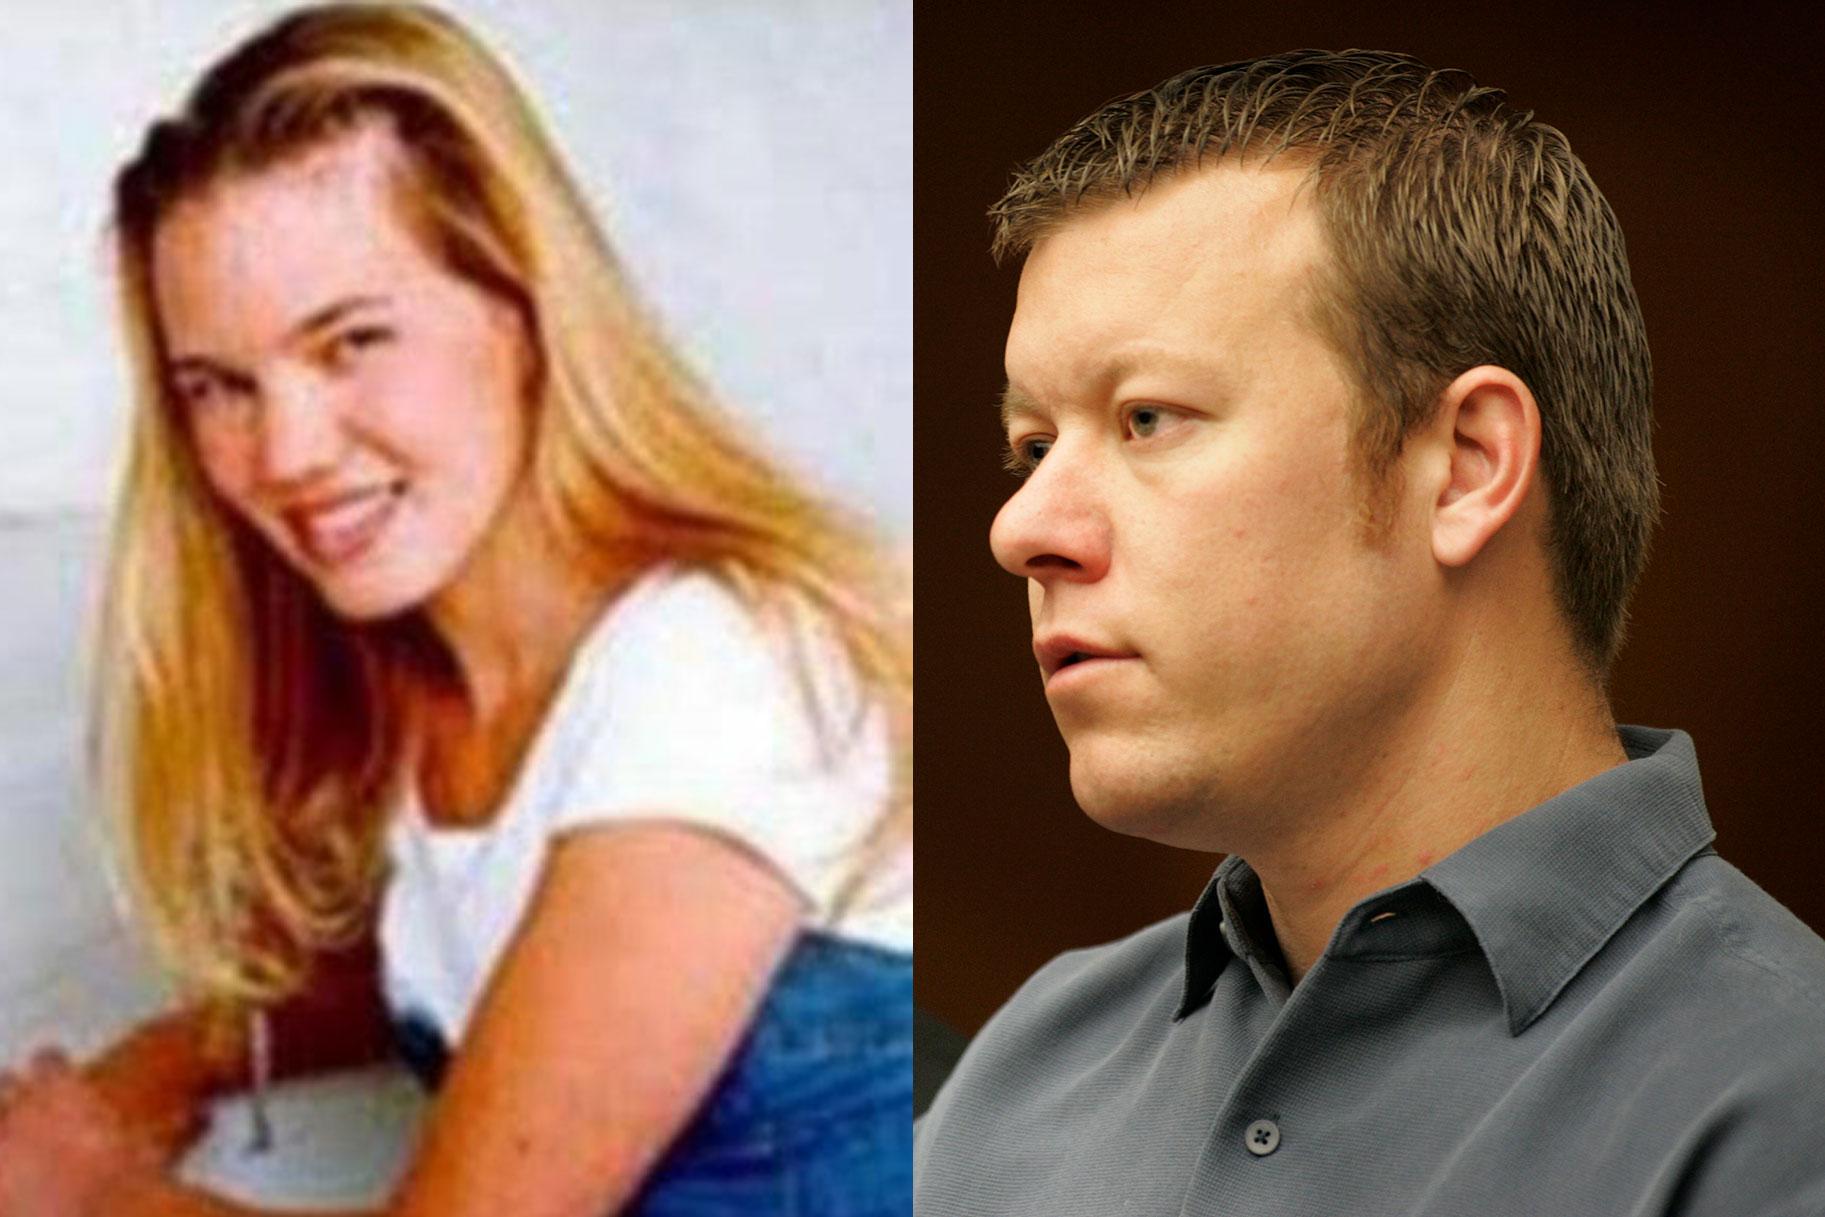 Procurorii cred că Kristin Smart a fost ucisă de Paul Flores în timpul unei tentative de viol